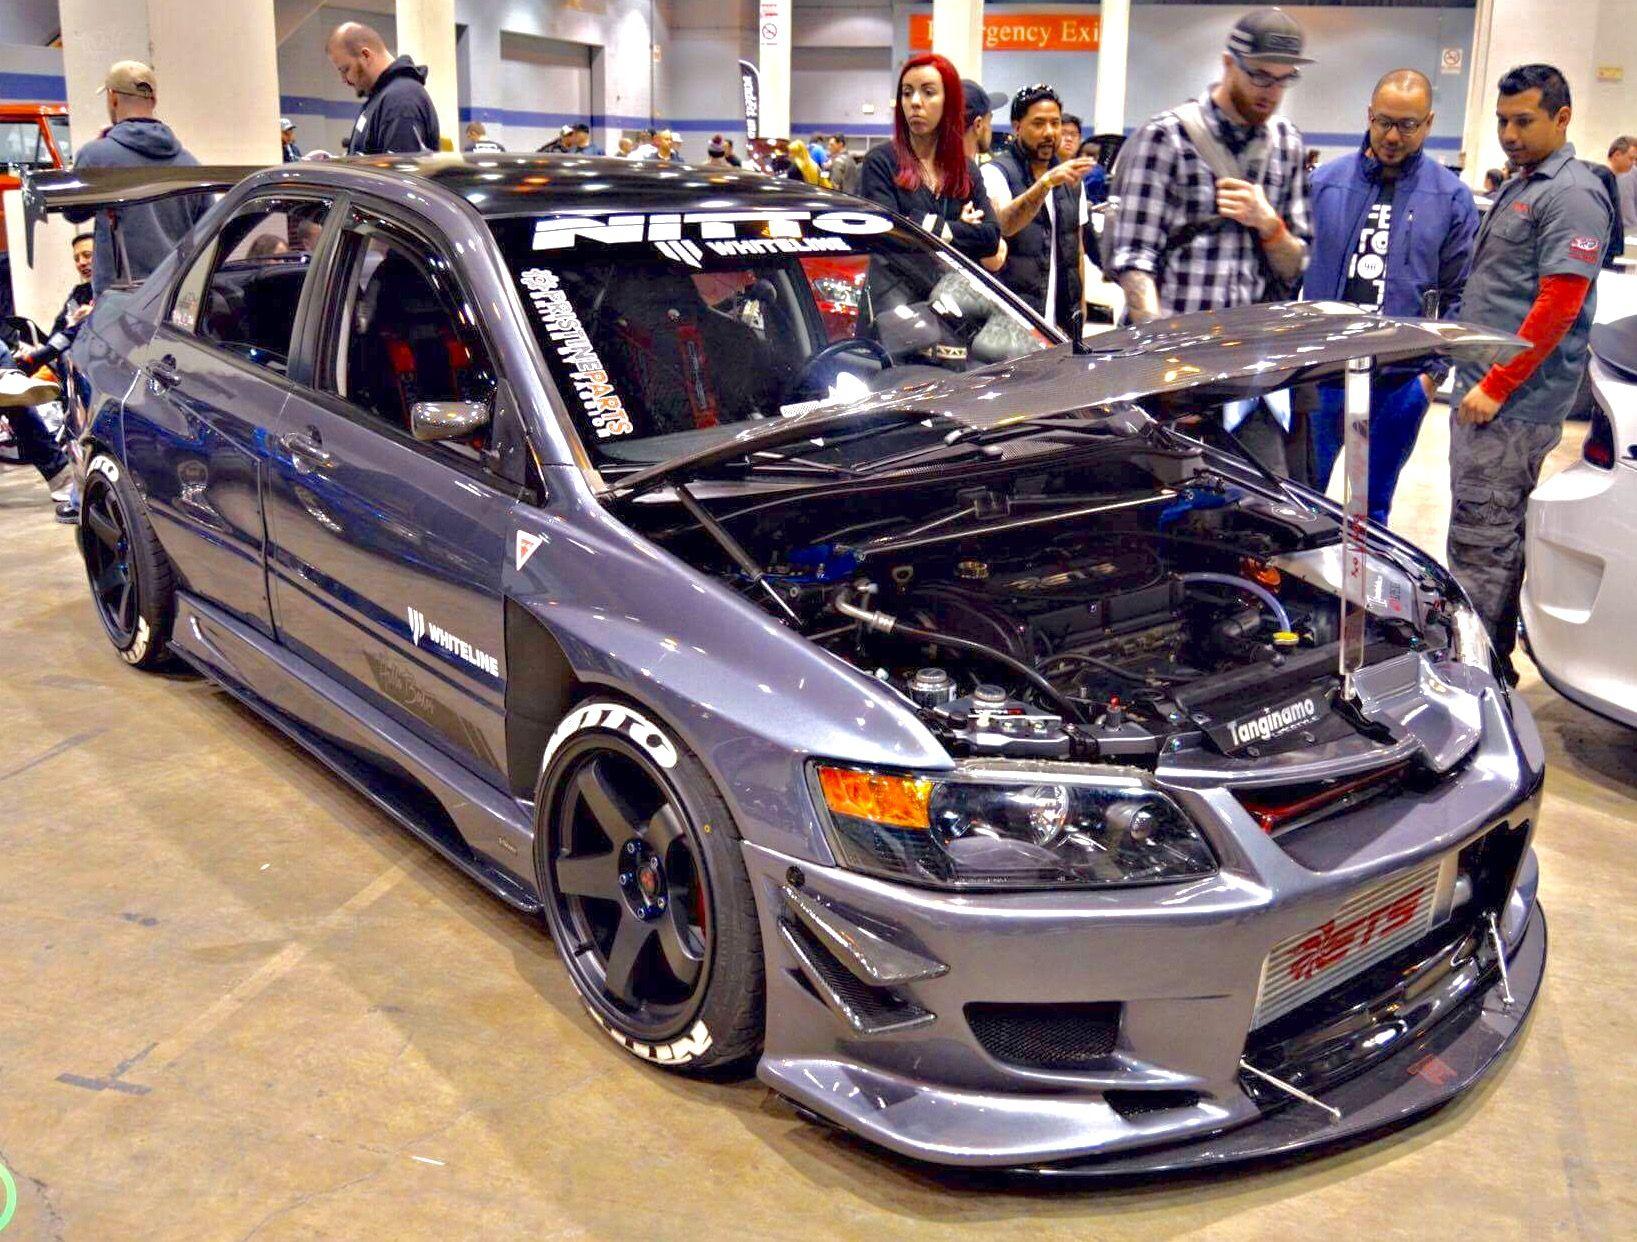 Mitsubishi Evolution Ix Evo Evo9 Mitsubishi Evolution Lancer